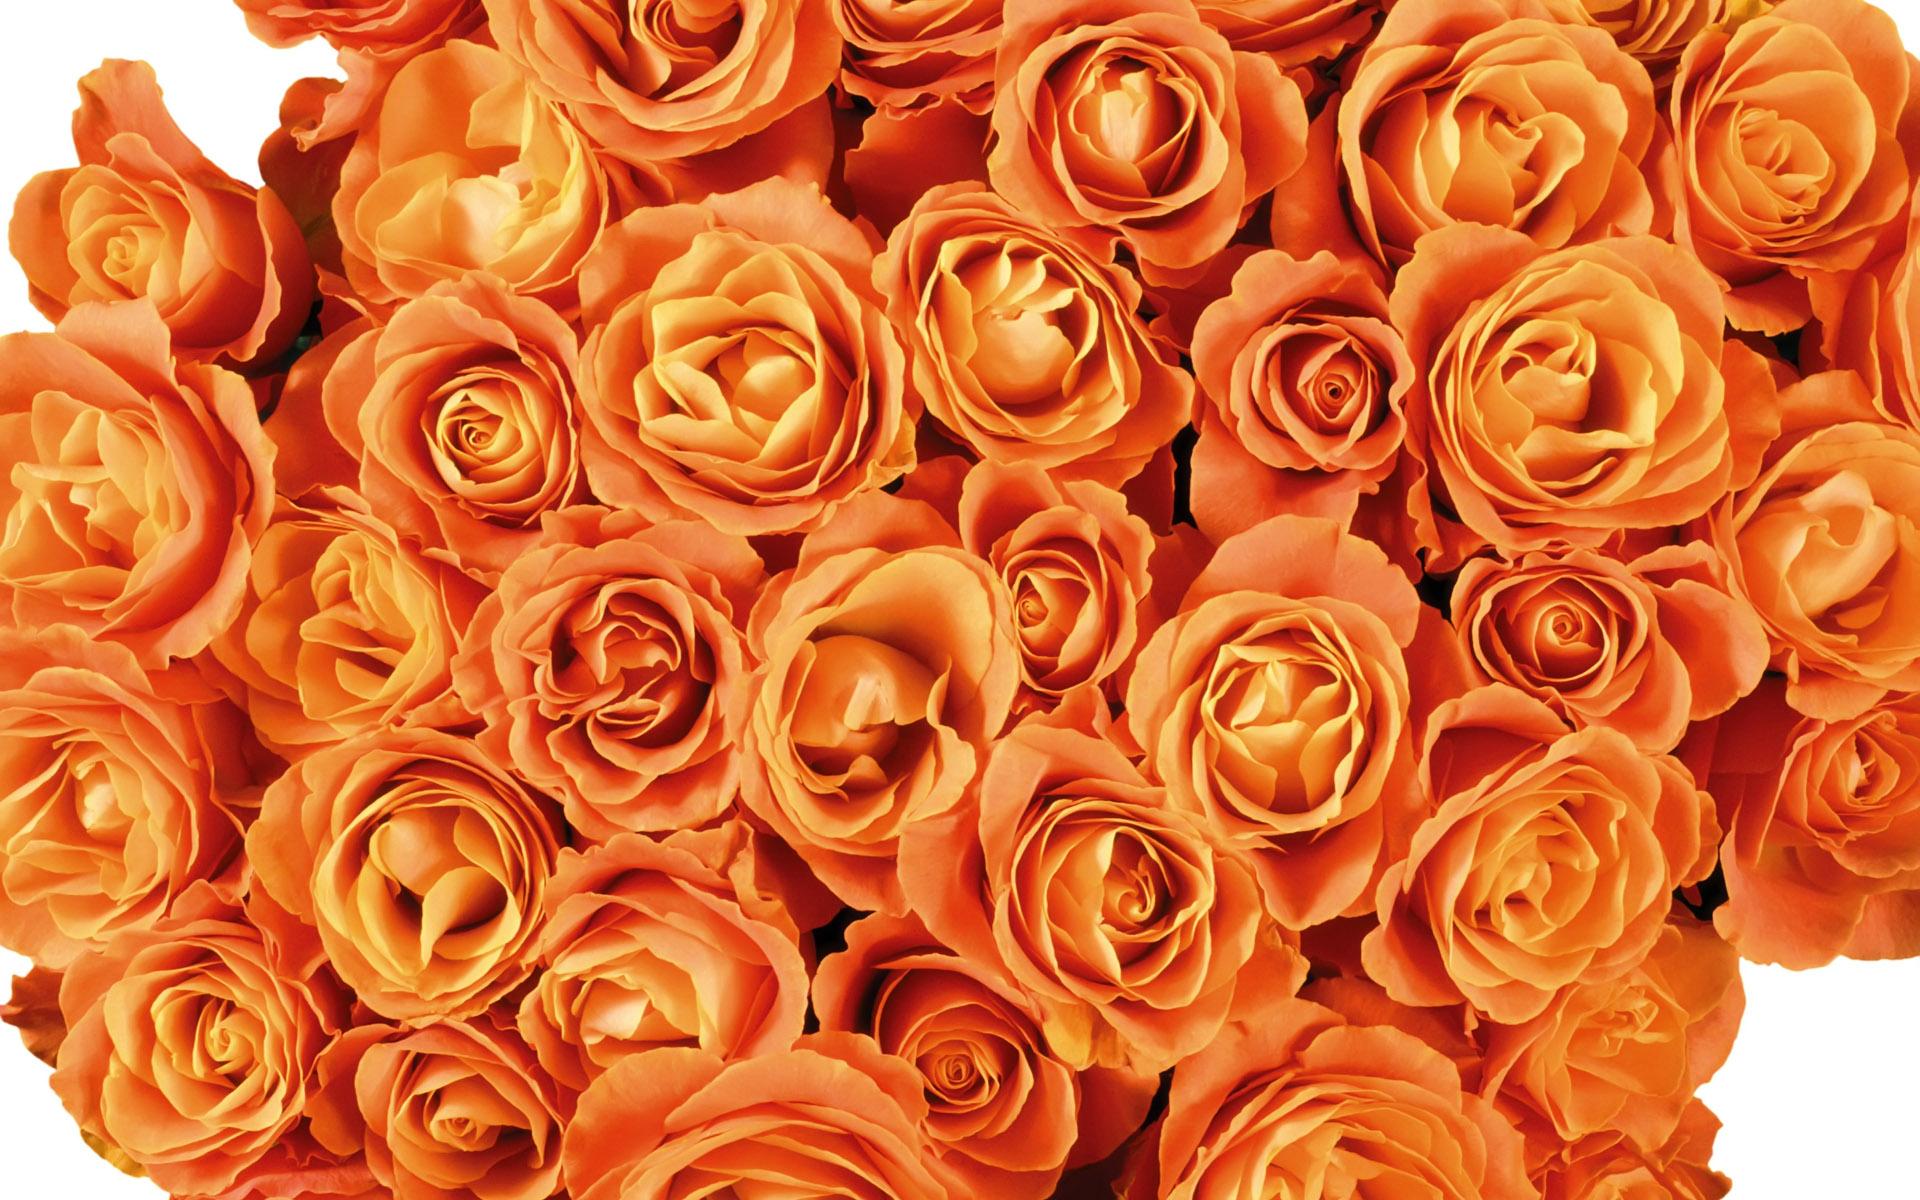 壁纸1920×12001920花朵背景 1 20壁纸 花朵背景 1920花朵背景 第一辑壁纸图片花卉壁纸花卉图片素材桌面壁纸